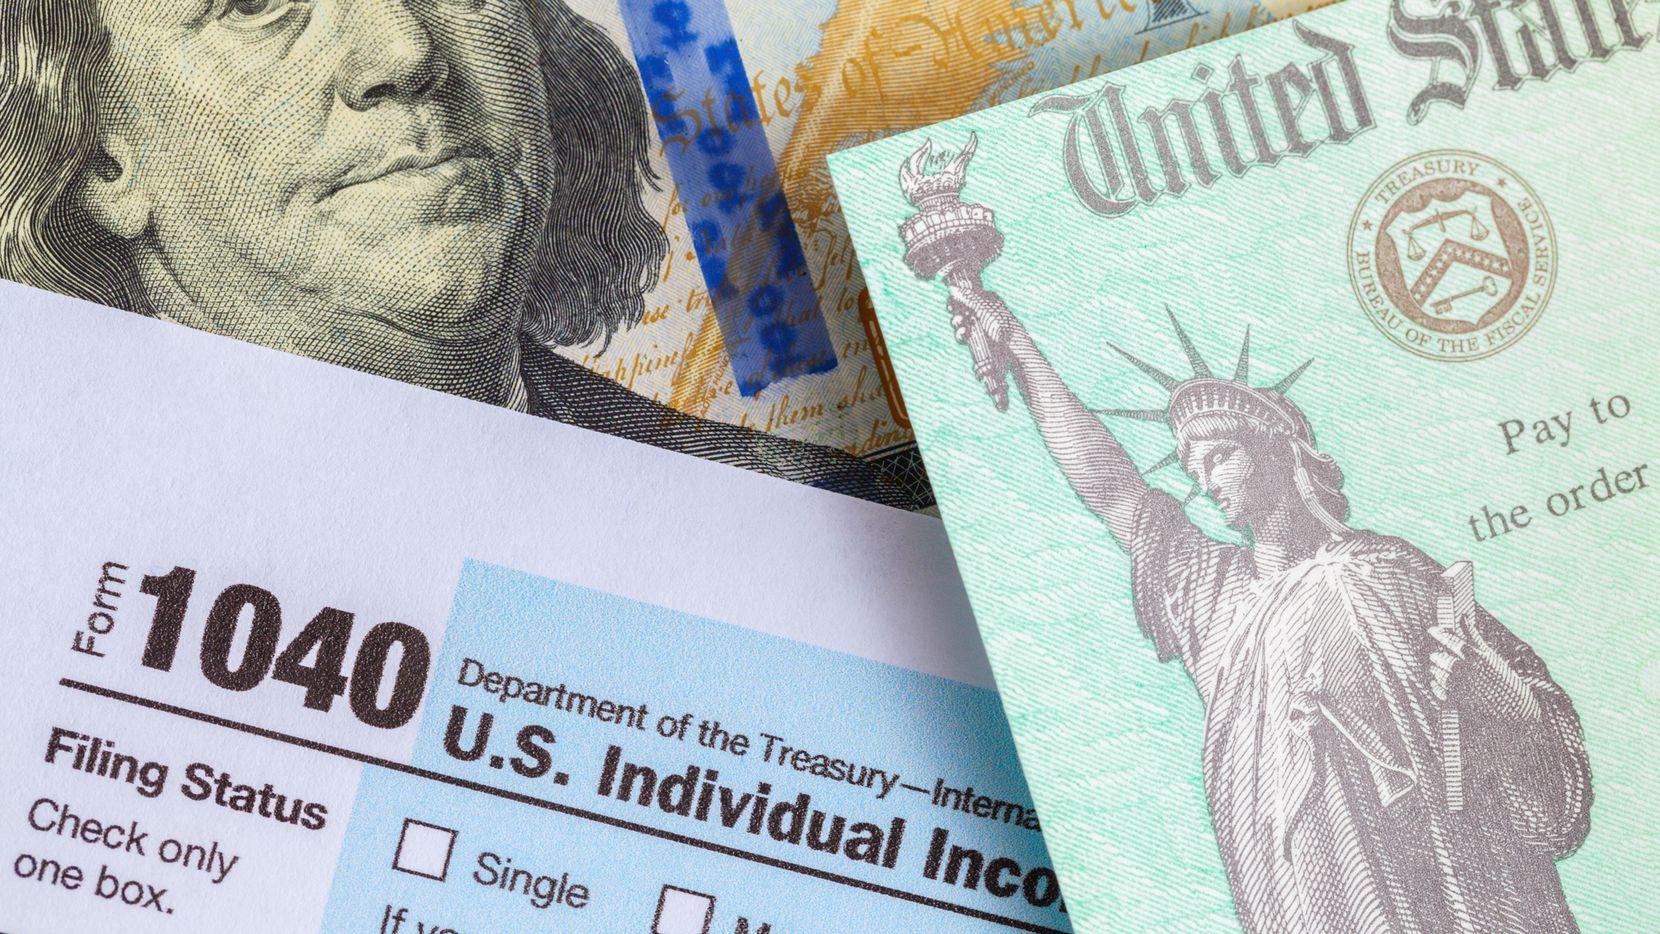 Si una persona elegible no recibe su pago del segundo cheque de estímulo, podrá reclamarlo en la declaración de impuestos del 2020, que se debe hacer este año. Se deberá hacer en el formulario 1040 del IRS.